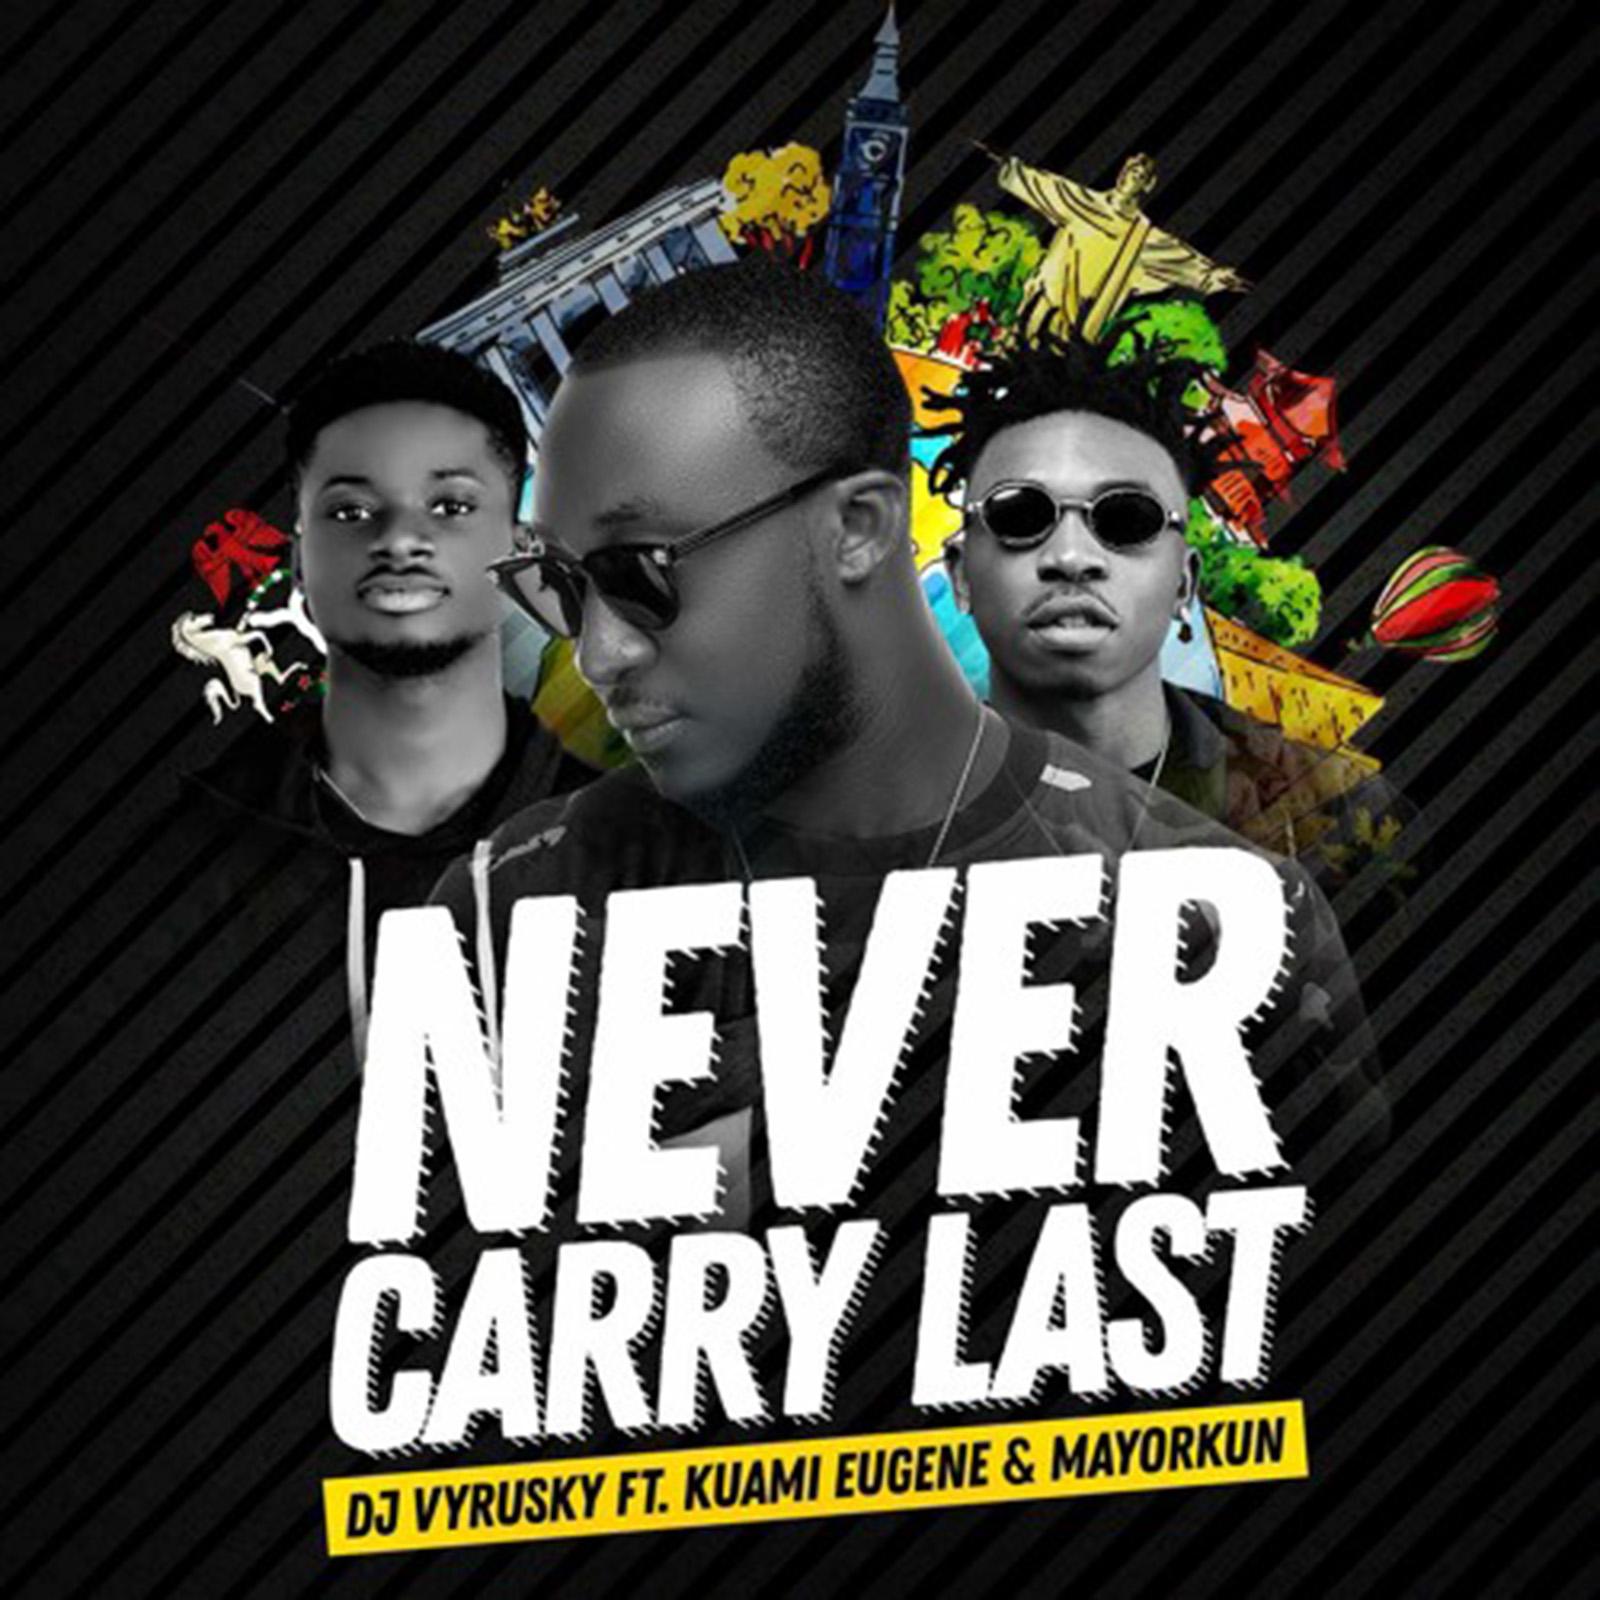 Never Carry Last by DJ Vyrusky feat. Kuami Eugene & Mayorkun